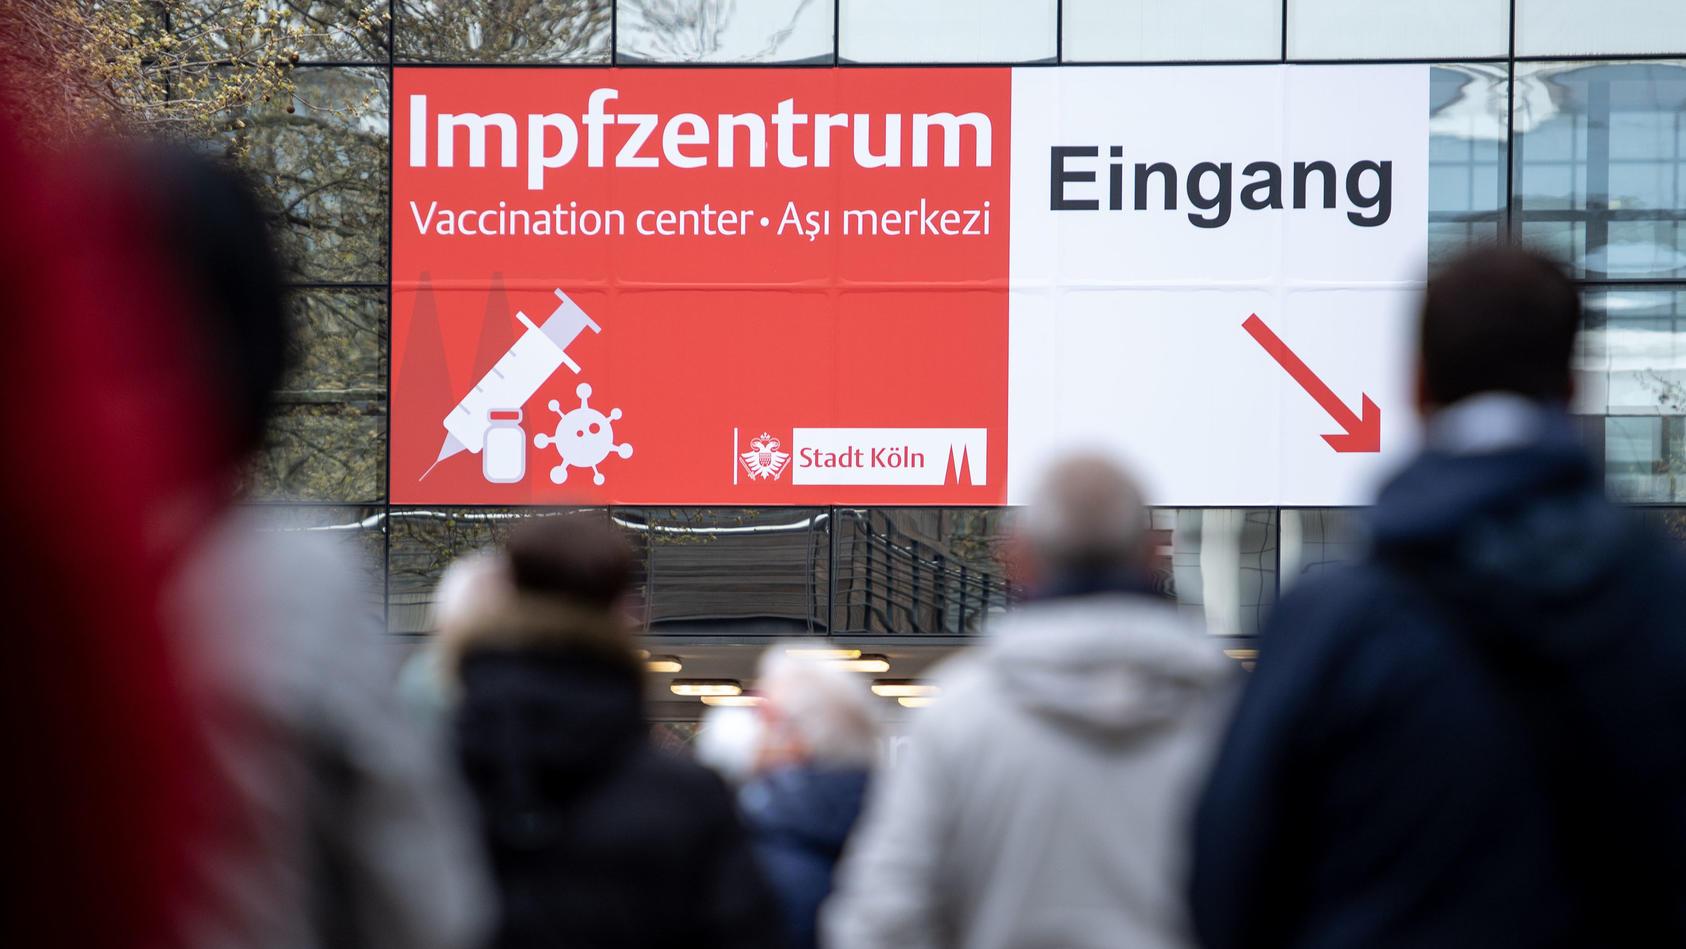 Impfungen bald für alle möglich?